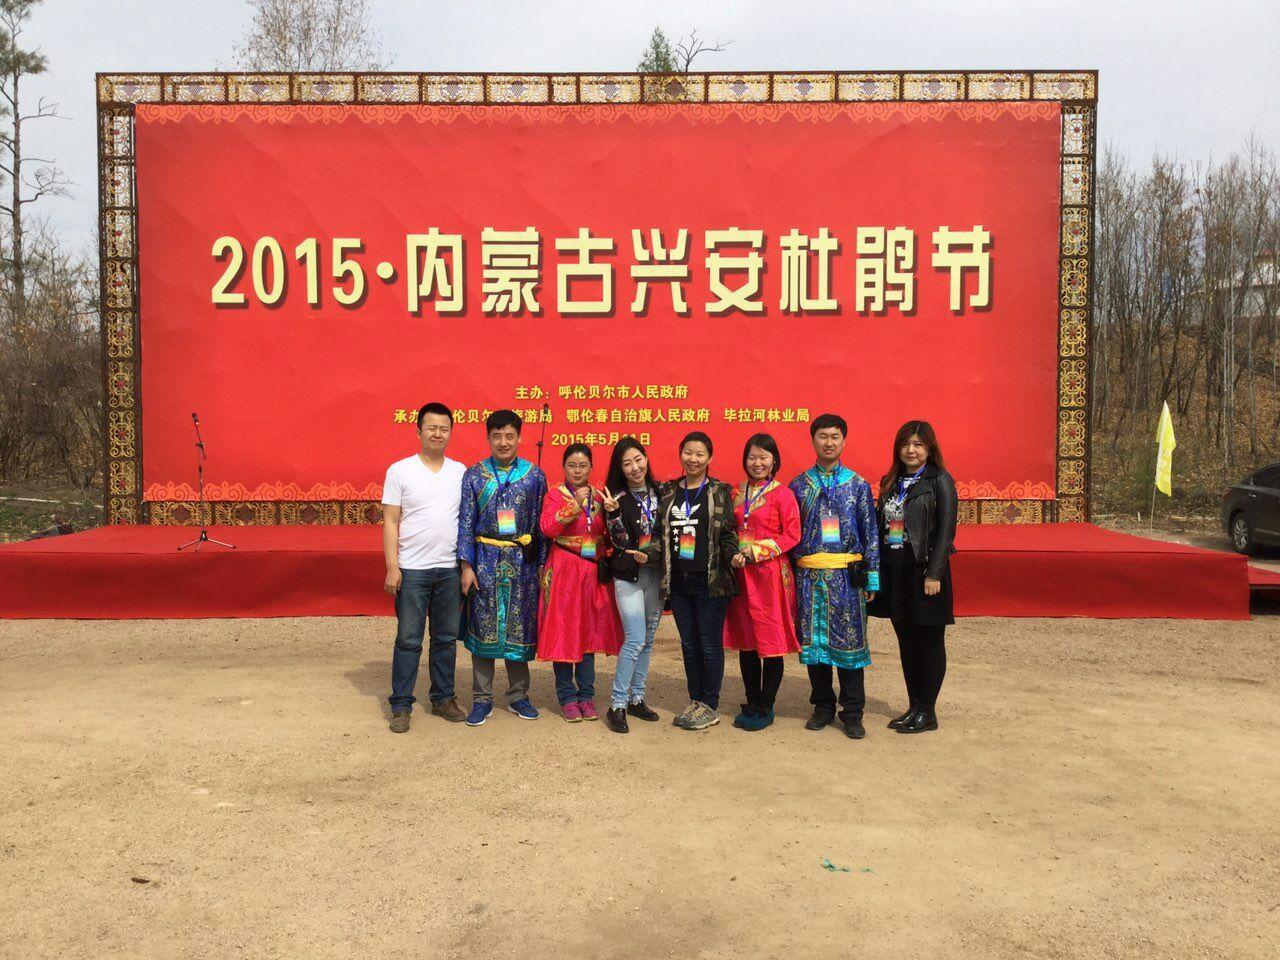 """呼伦贝尔市鄂伦春旗志愿者助力""""2015·内蒙古"""